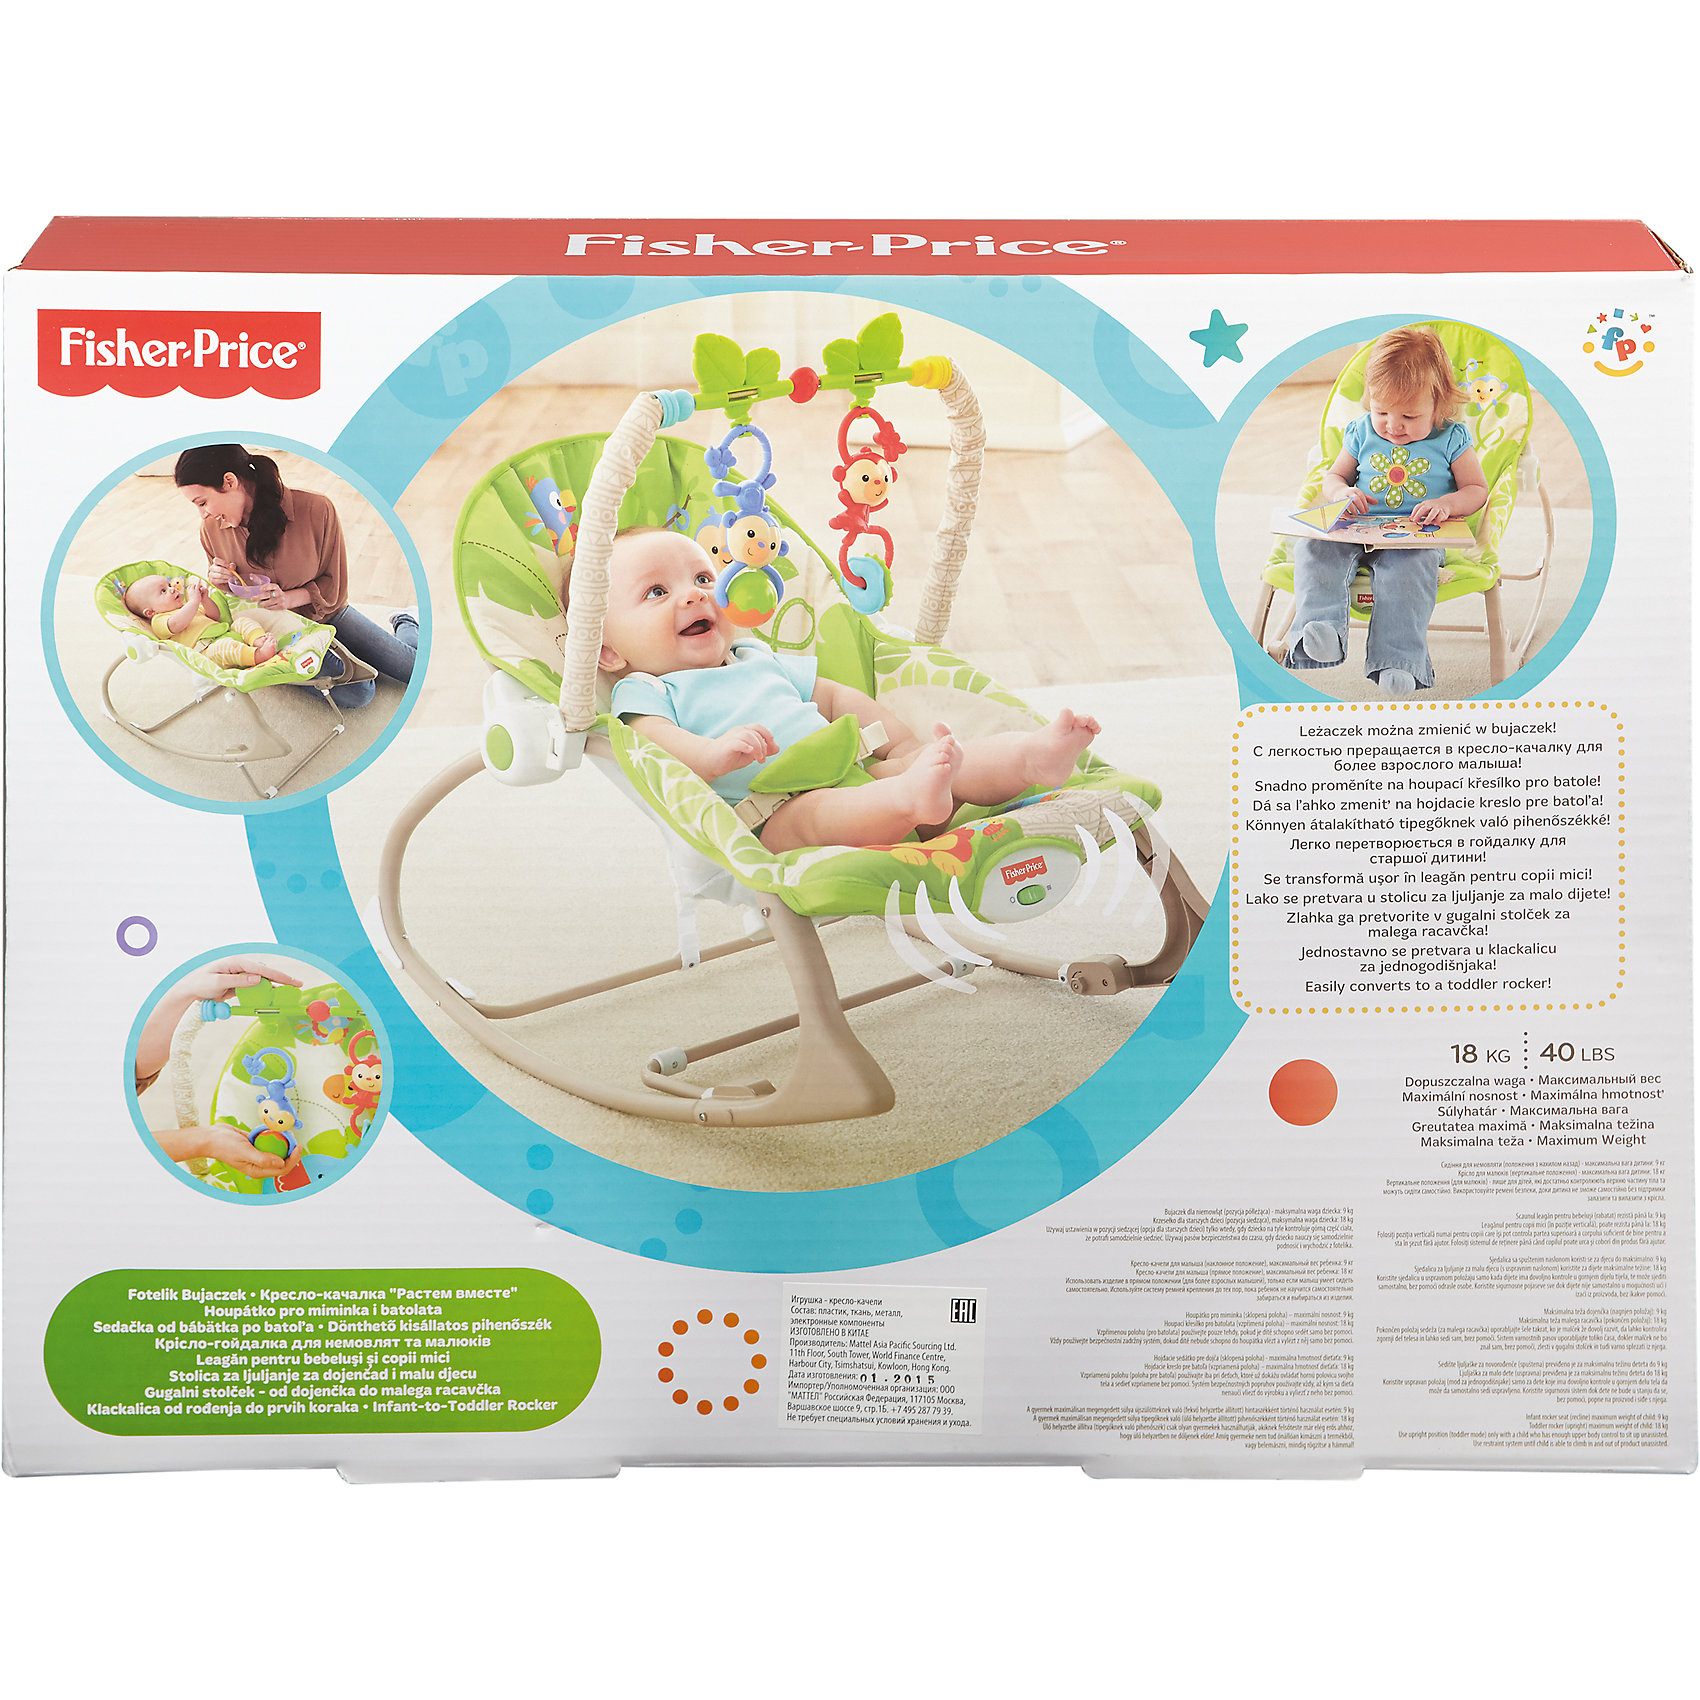 Портативное кресло-качалка Веселые обезьянки из тропического леса, Fisher-price (Mattel)